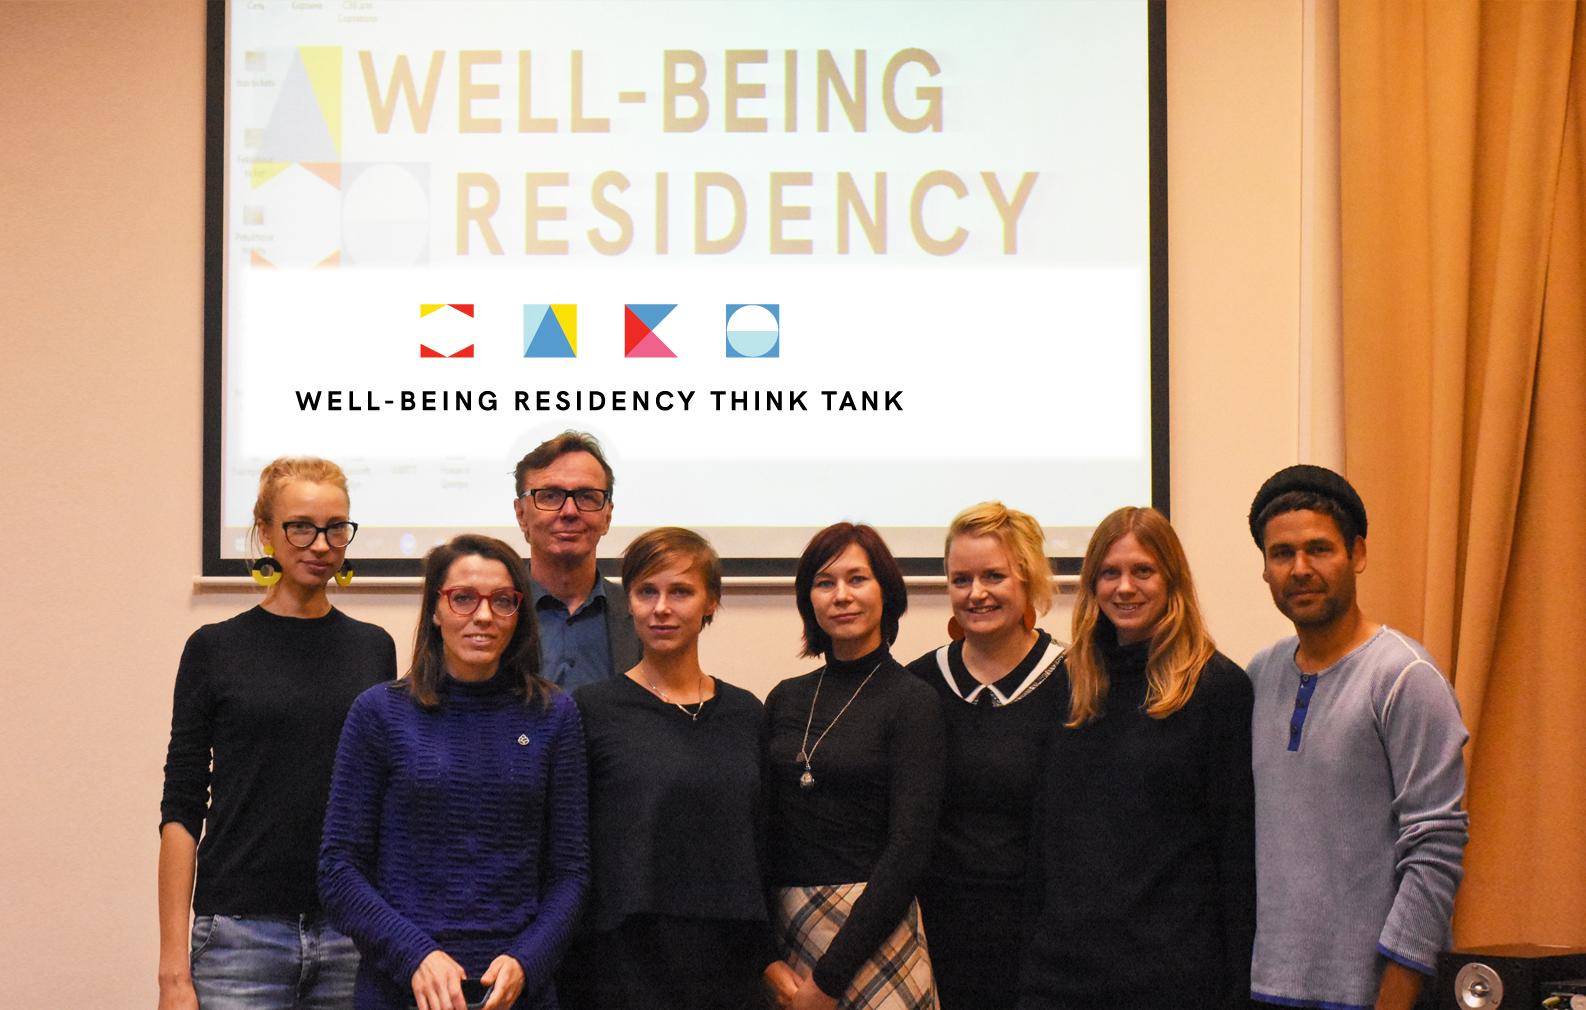 <p>Онлайн конференция «Well-being резиденции: методология и опыт» пройдет 17–21 августа 2020 года через ZOOM и Facebook. В течение одной недели, с 17 по 21 августа, художники, организаторы, представители социальных организаций и здравоохранения поделятся своим опытом социально-культурных художественных практик — well-being резиденций, в качестве заключительного события трехлетнего проекта Well-being Residency Network. […]</p>